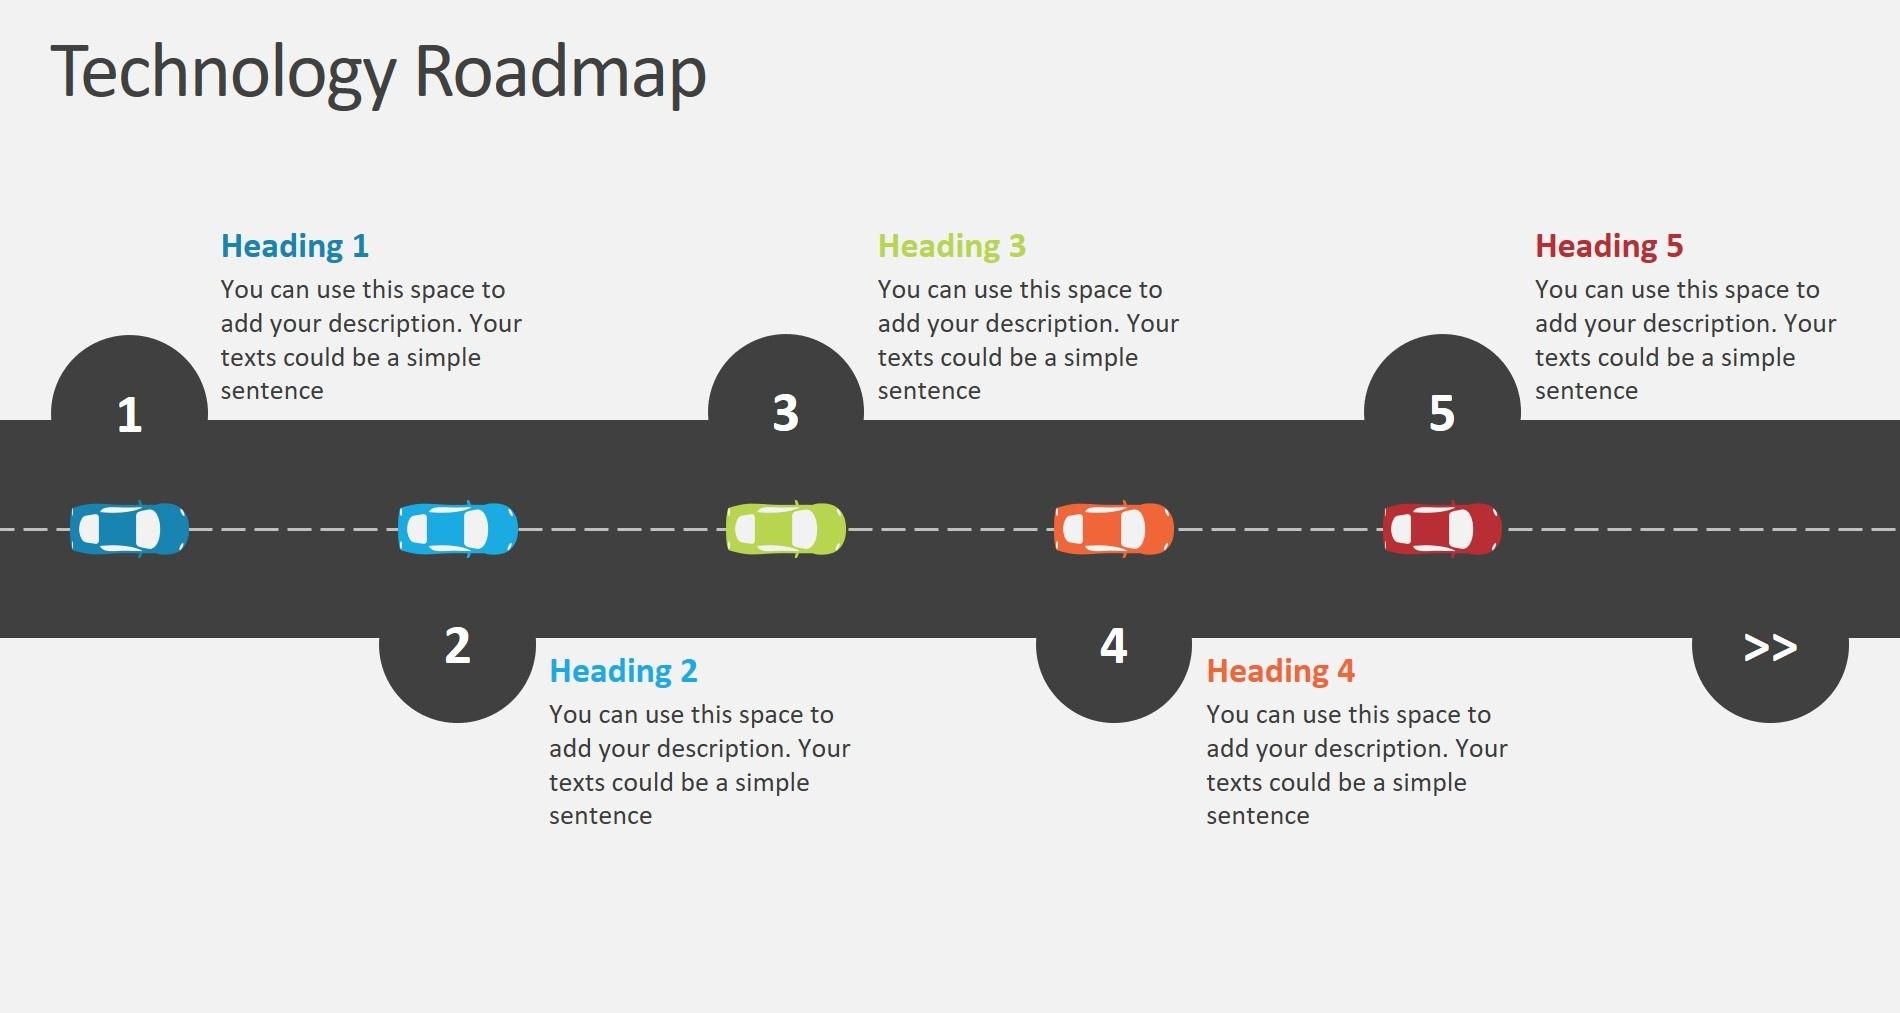 Technology Roadmap Template.jpg